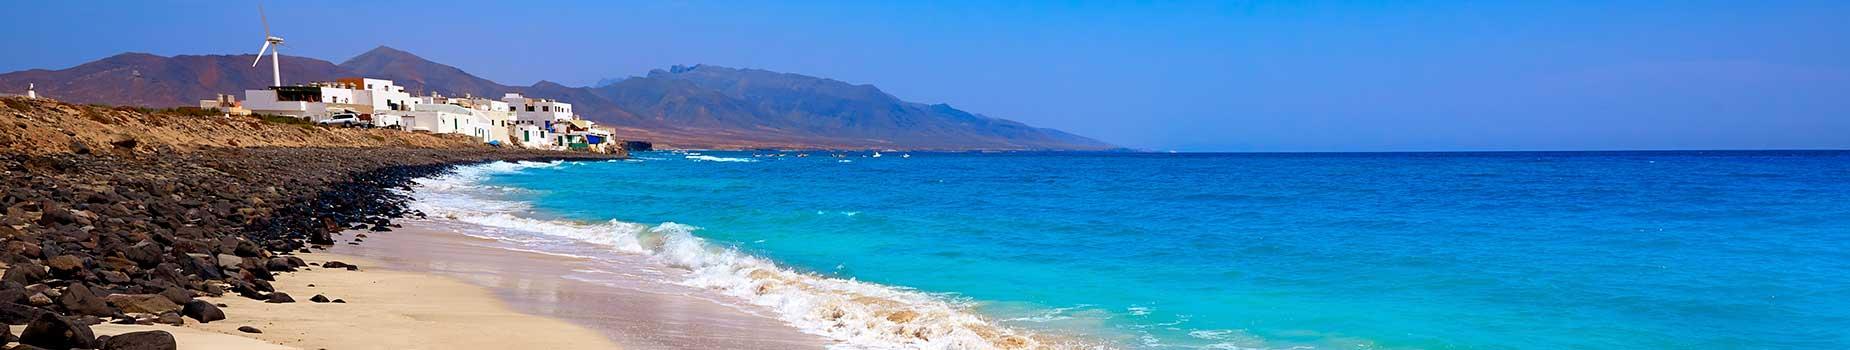 All Inclusive Fuerteventura